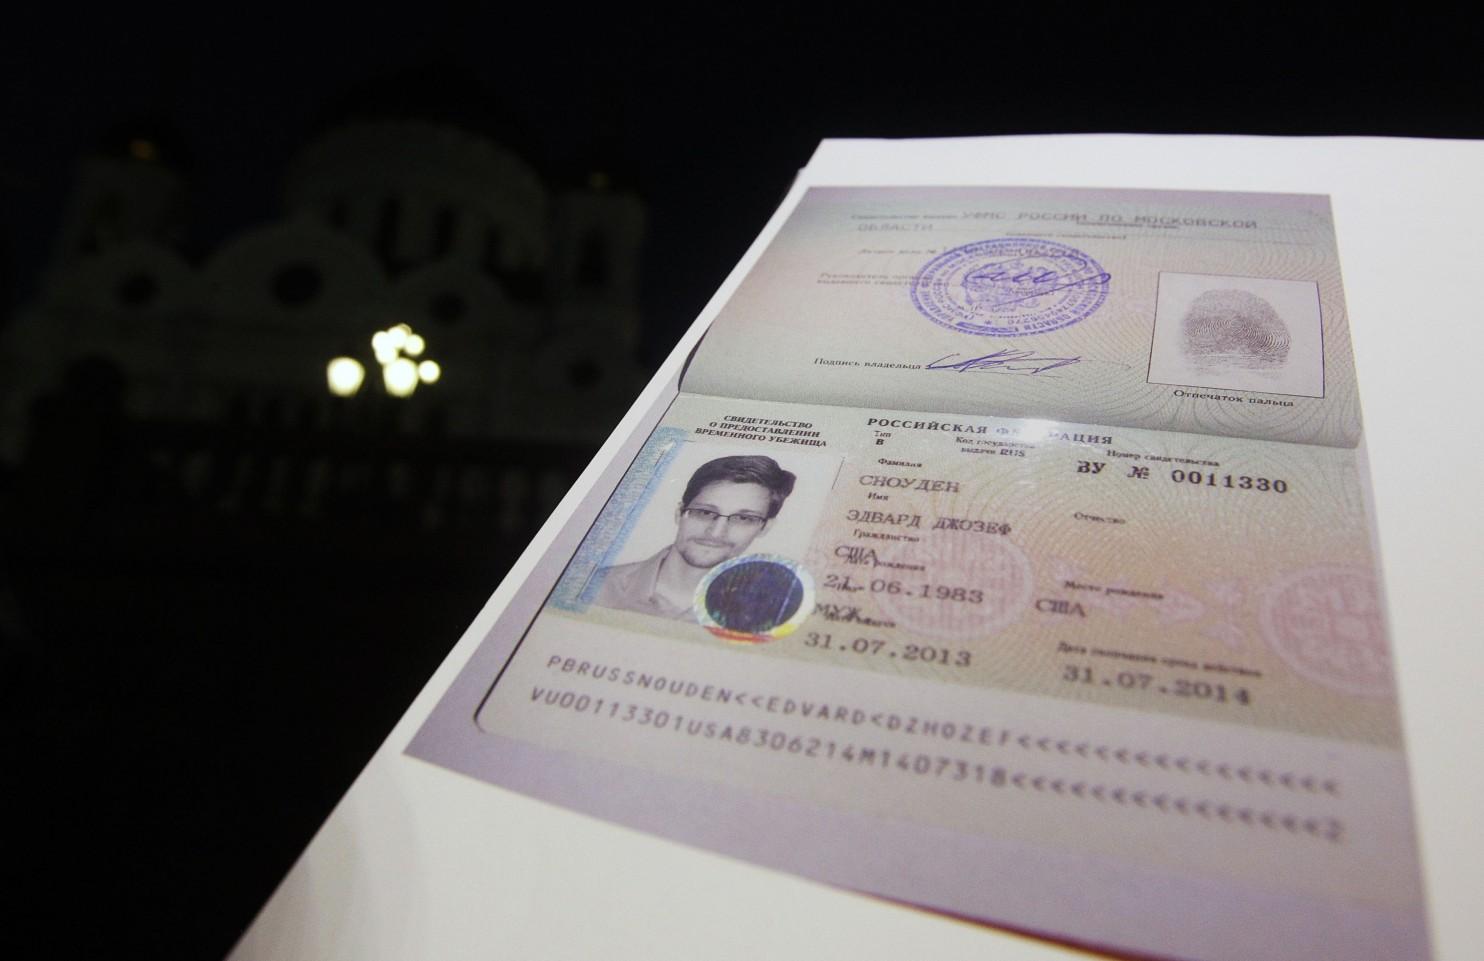 Сонуден останется в России до 2020 года. Фото: washingtonpost.com